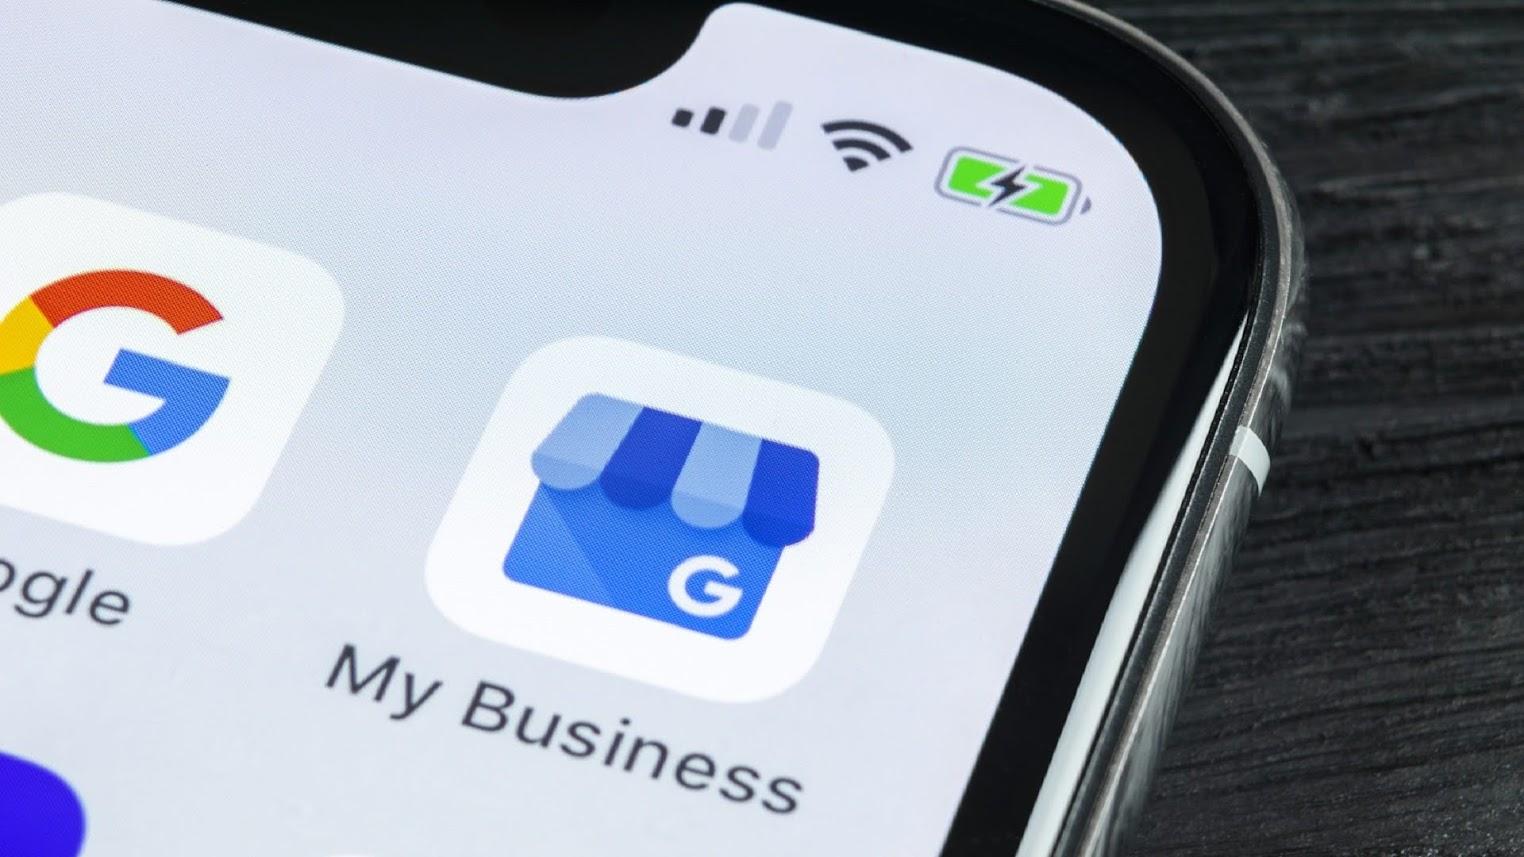 Améliorer la visibilité locale de votre entreprise avec Google My Business